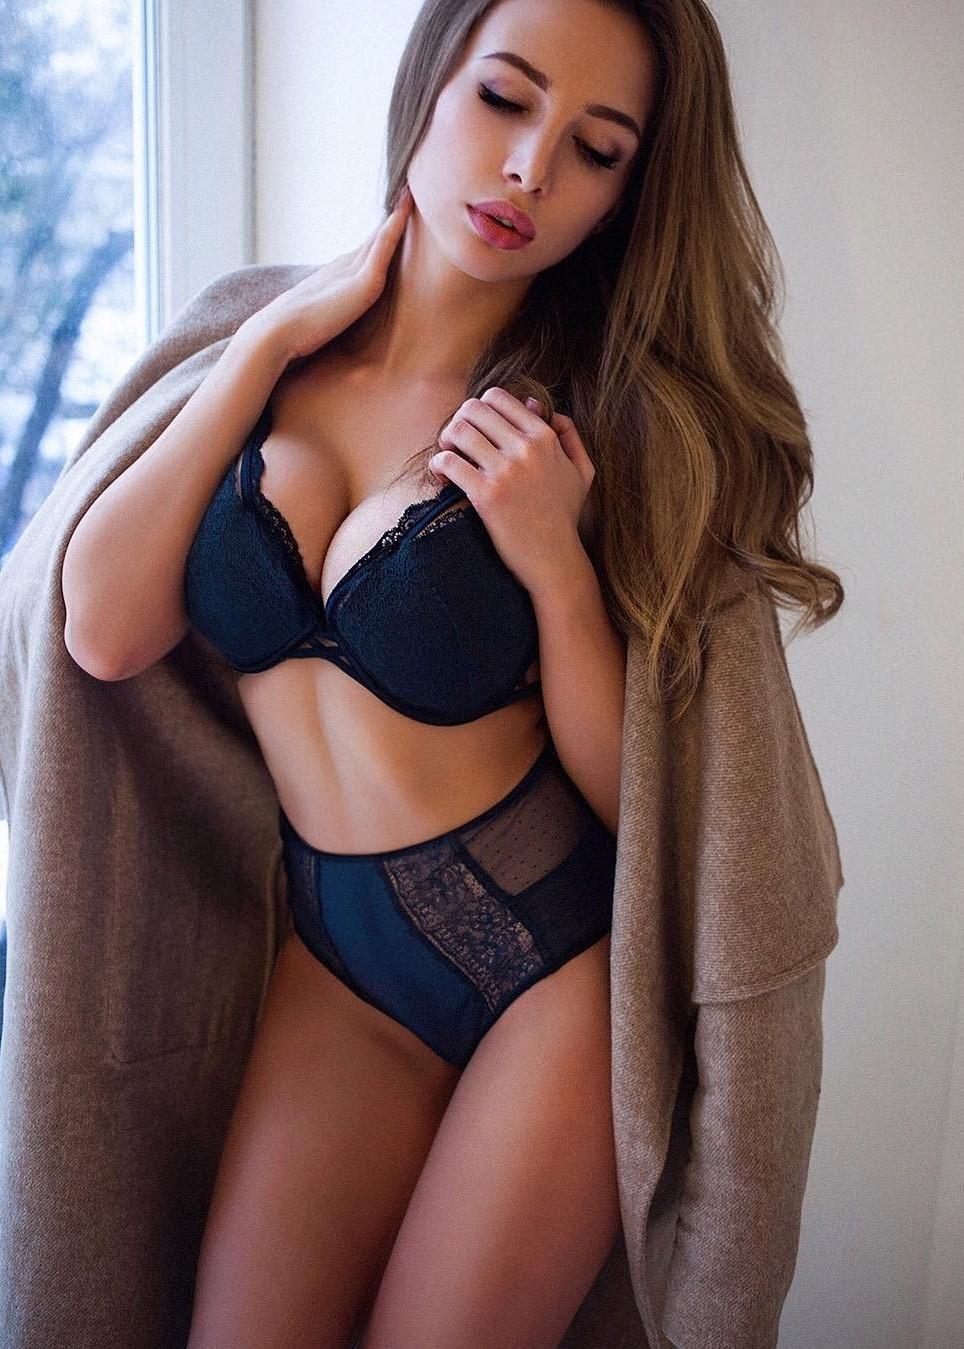 Anna Mitlosh